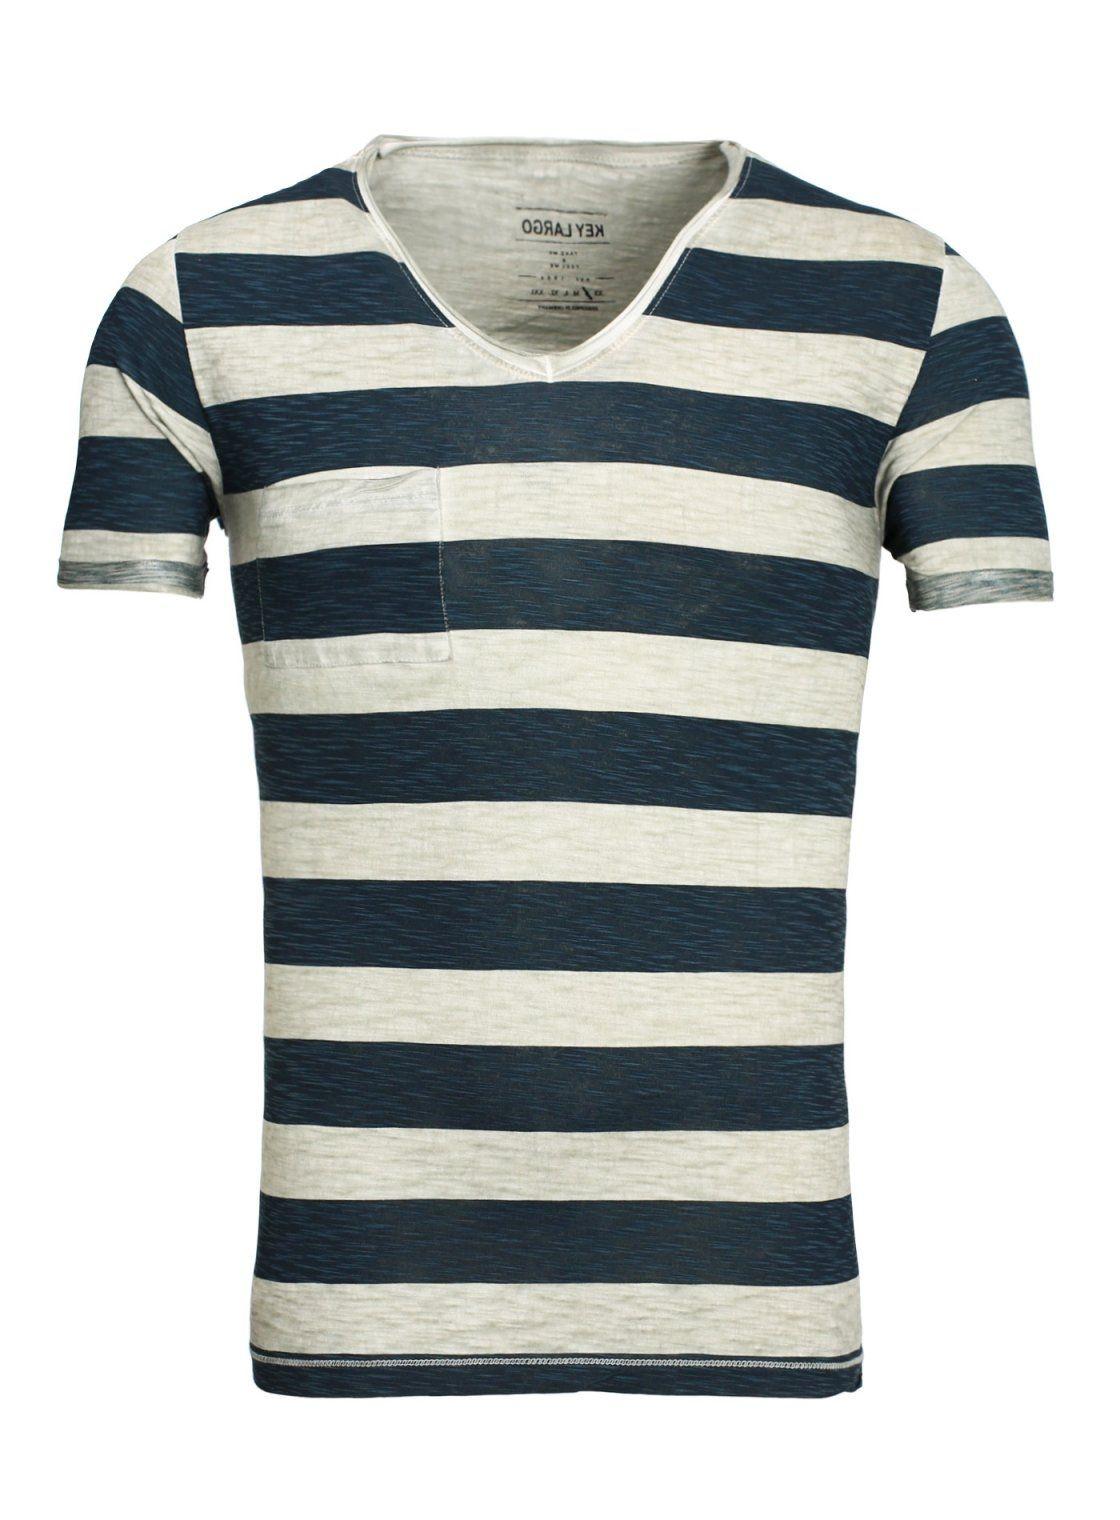 online retailer 9b0f6 00f5d blau weiß gestreiftes shirt herren Mit Bildung und Planung ...